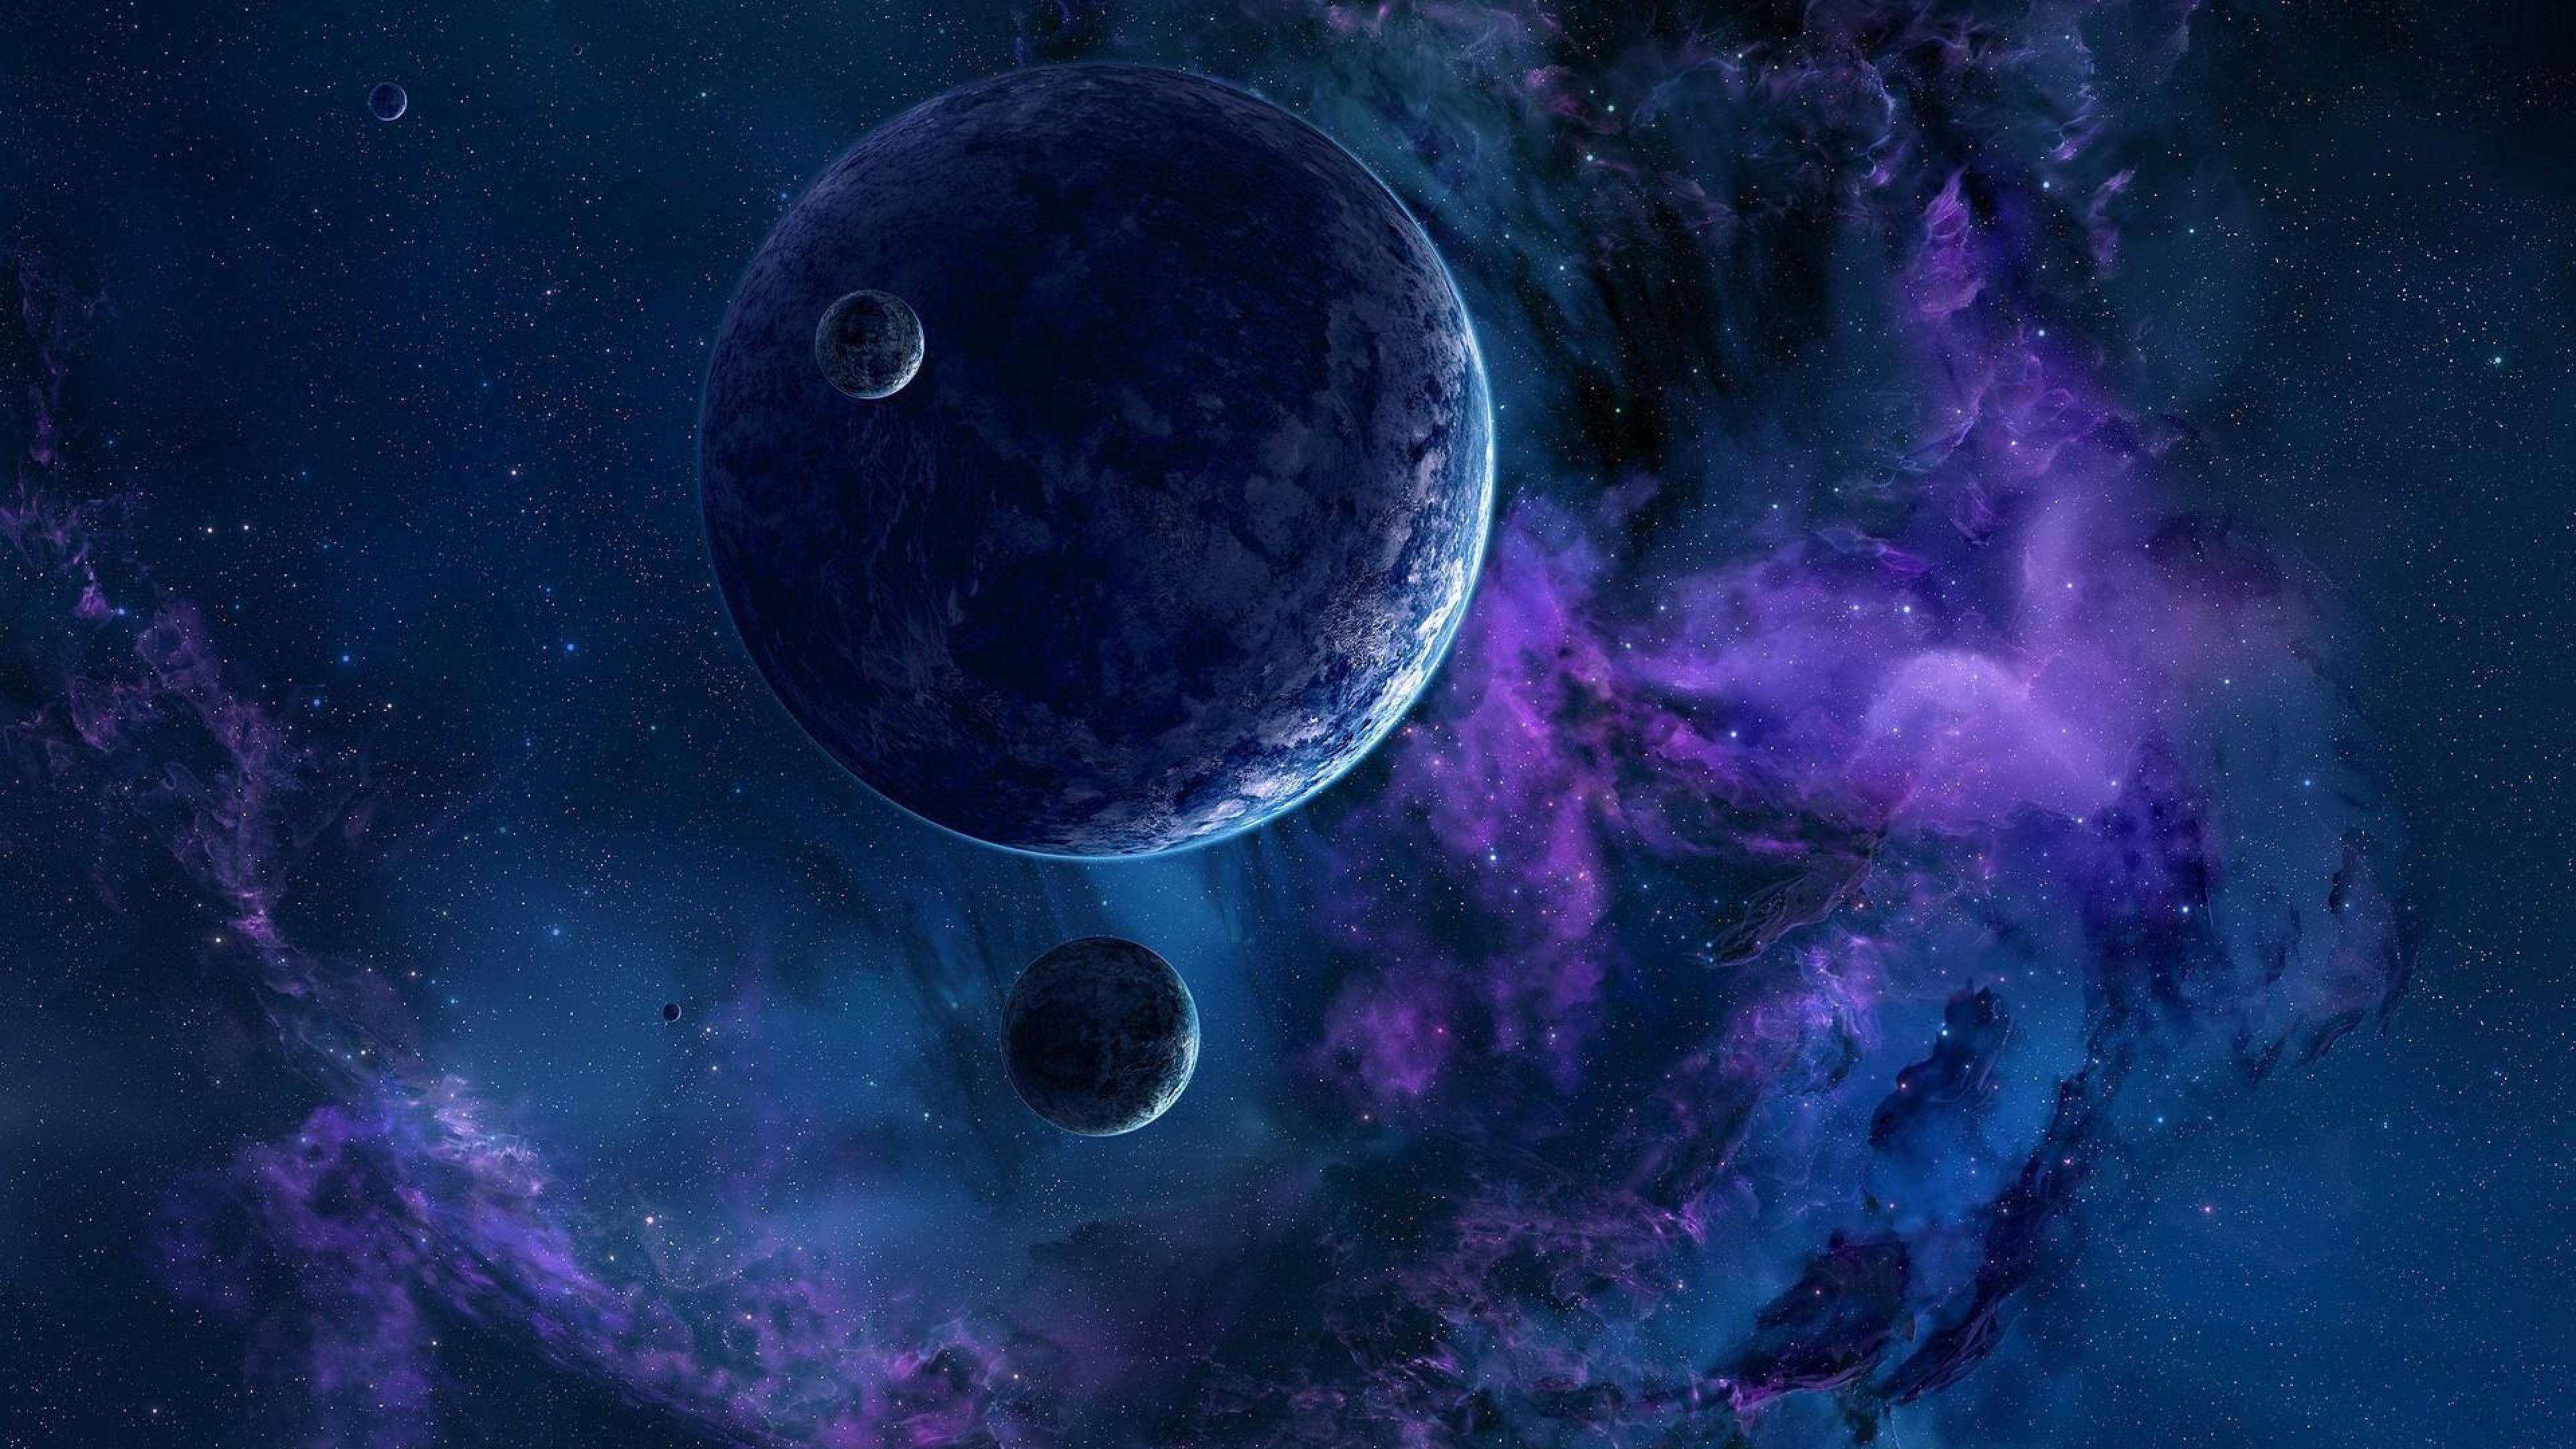 Обои Темная планета картинки на рабочий стол на тему Космос - скачать  № 1763019  скачать